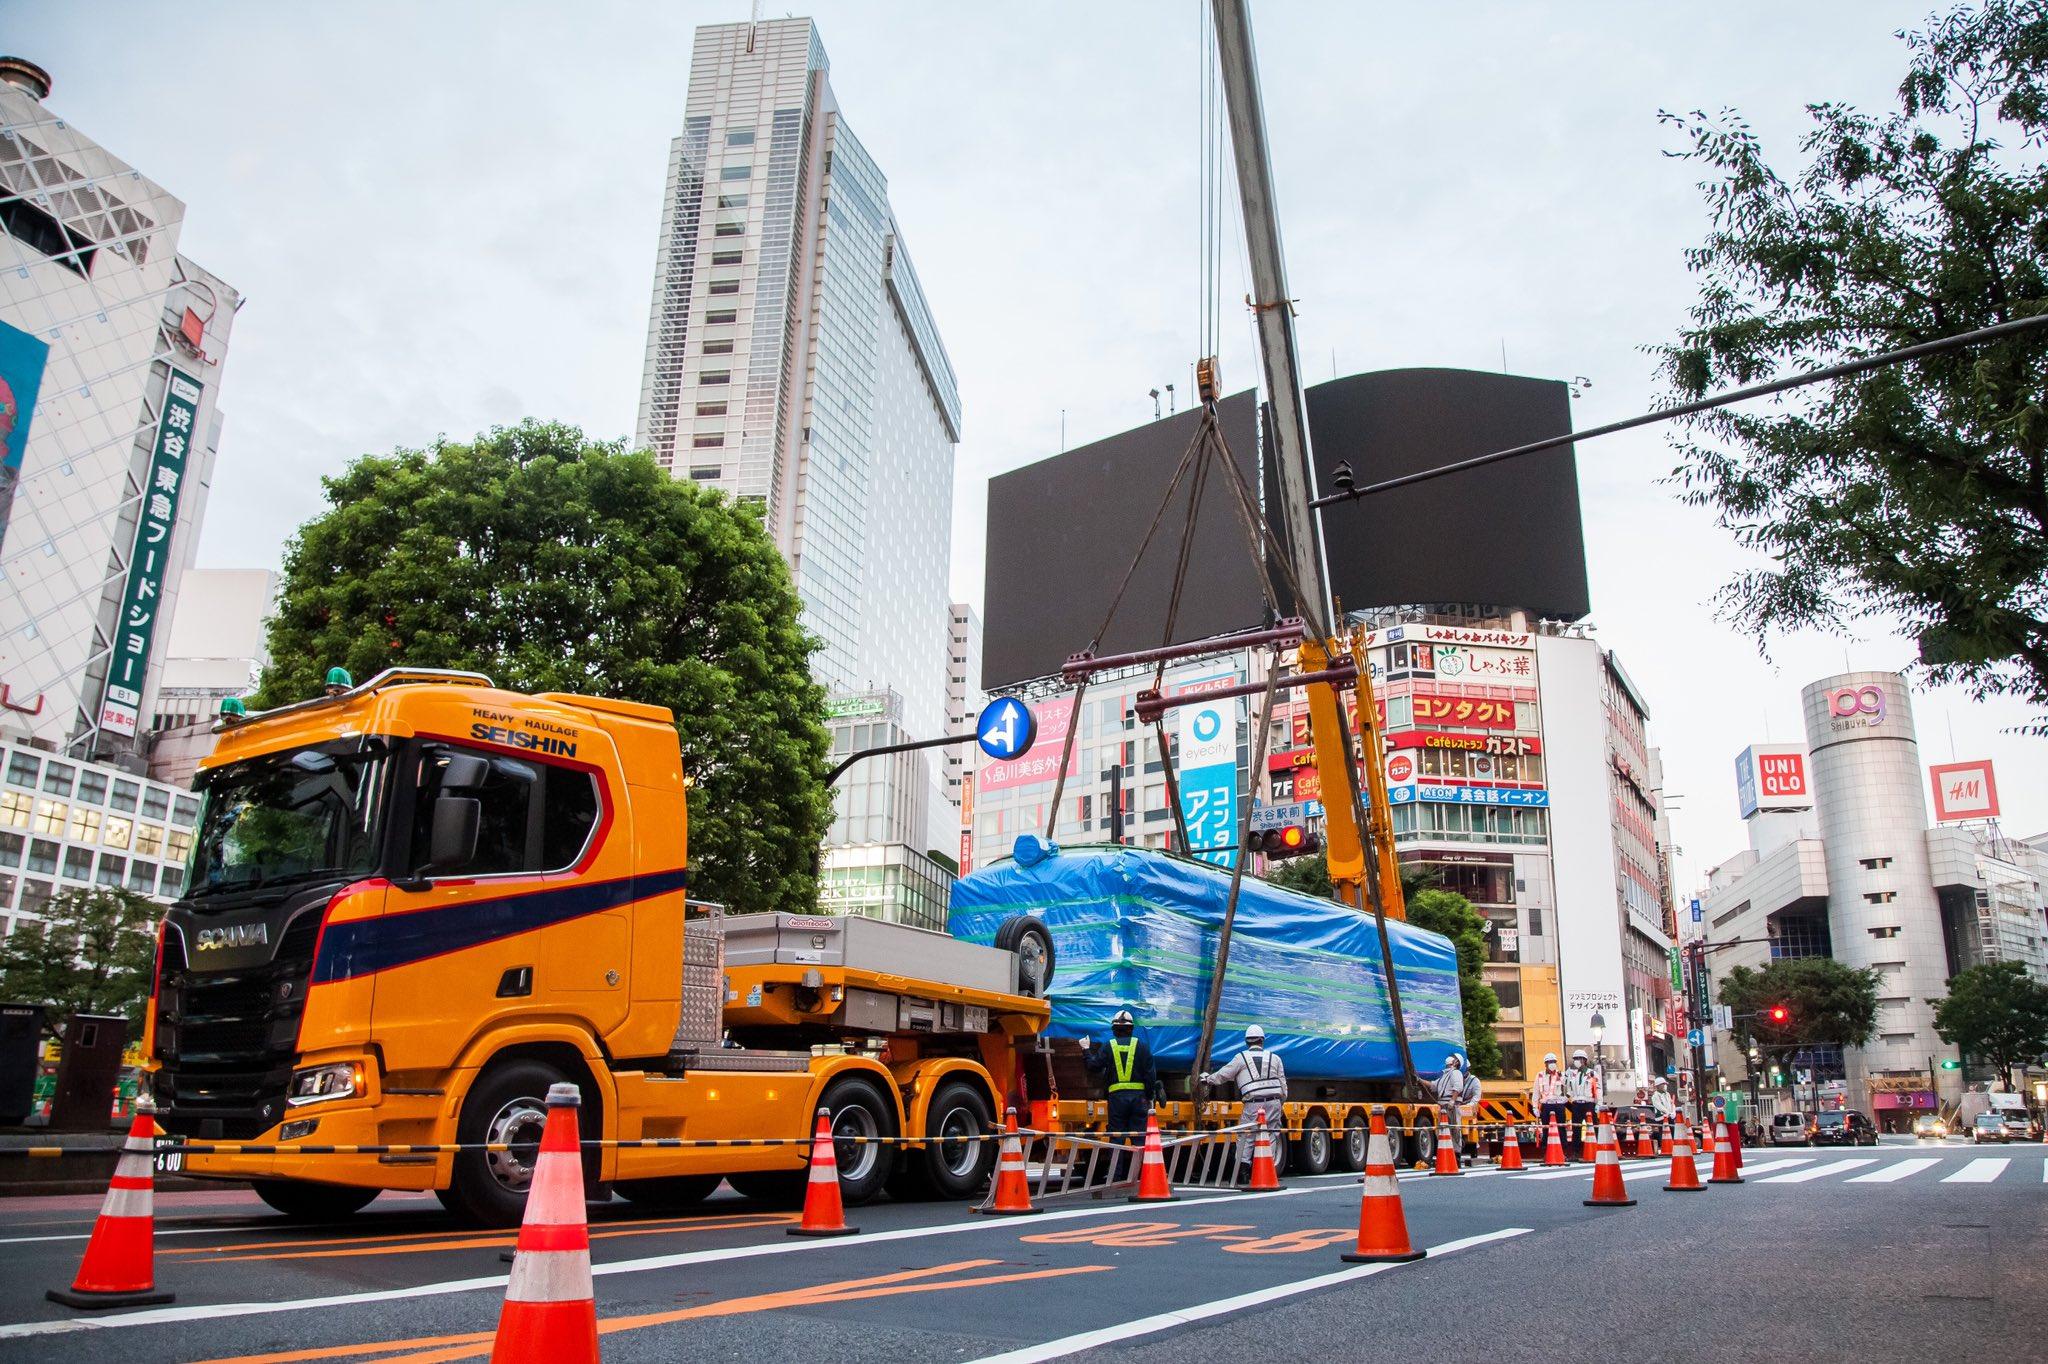 【青ガエル陸送】渋谷を旅立ち秋田県大館市へ 牽引トレーラー「スカニア」にも注目が